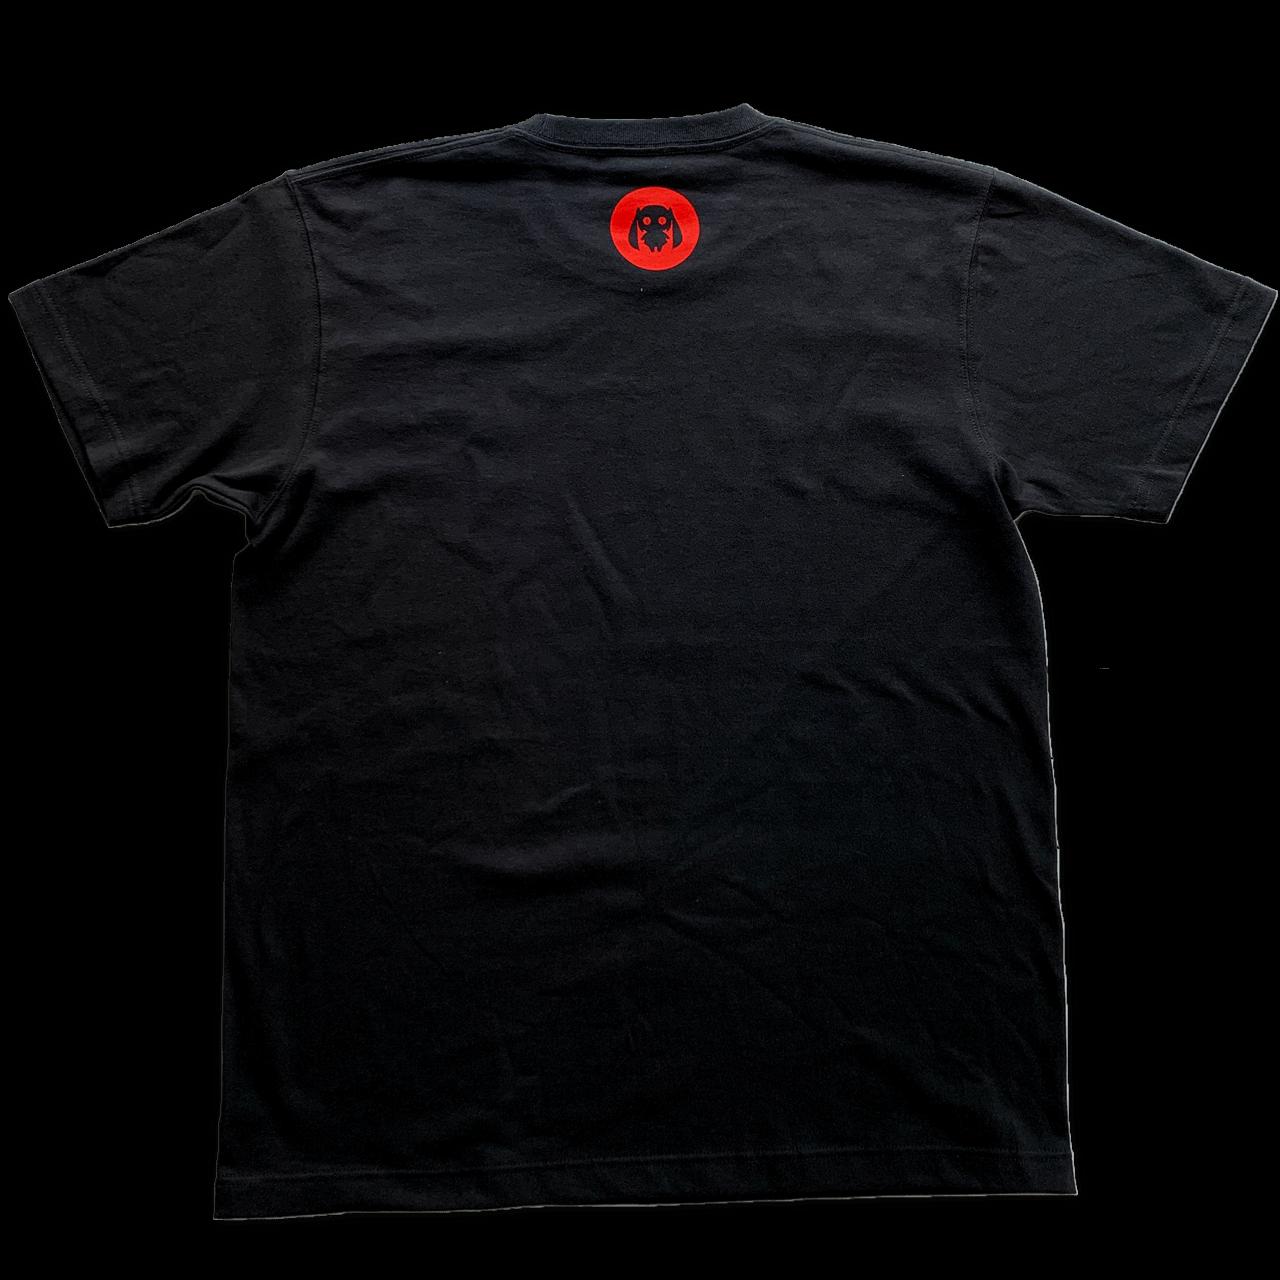 ピノキオピー - AKEBONO Tシャツ(黒) - 画像2